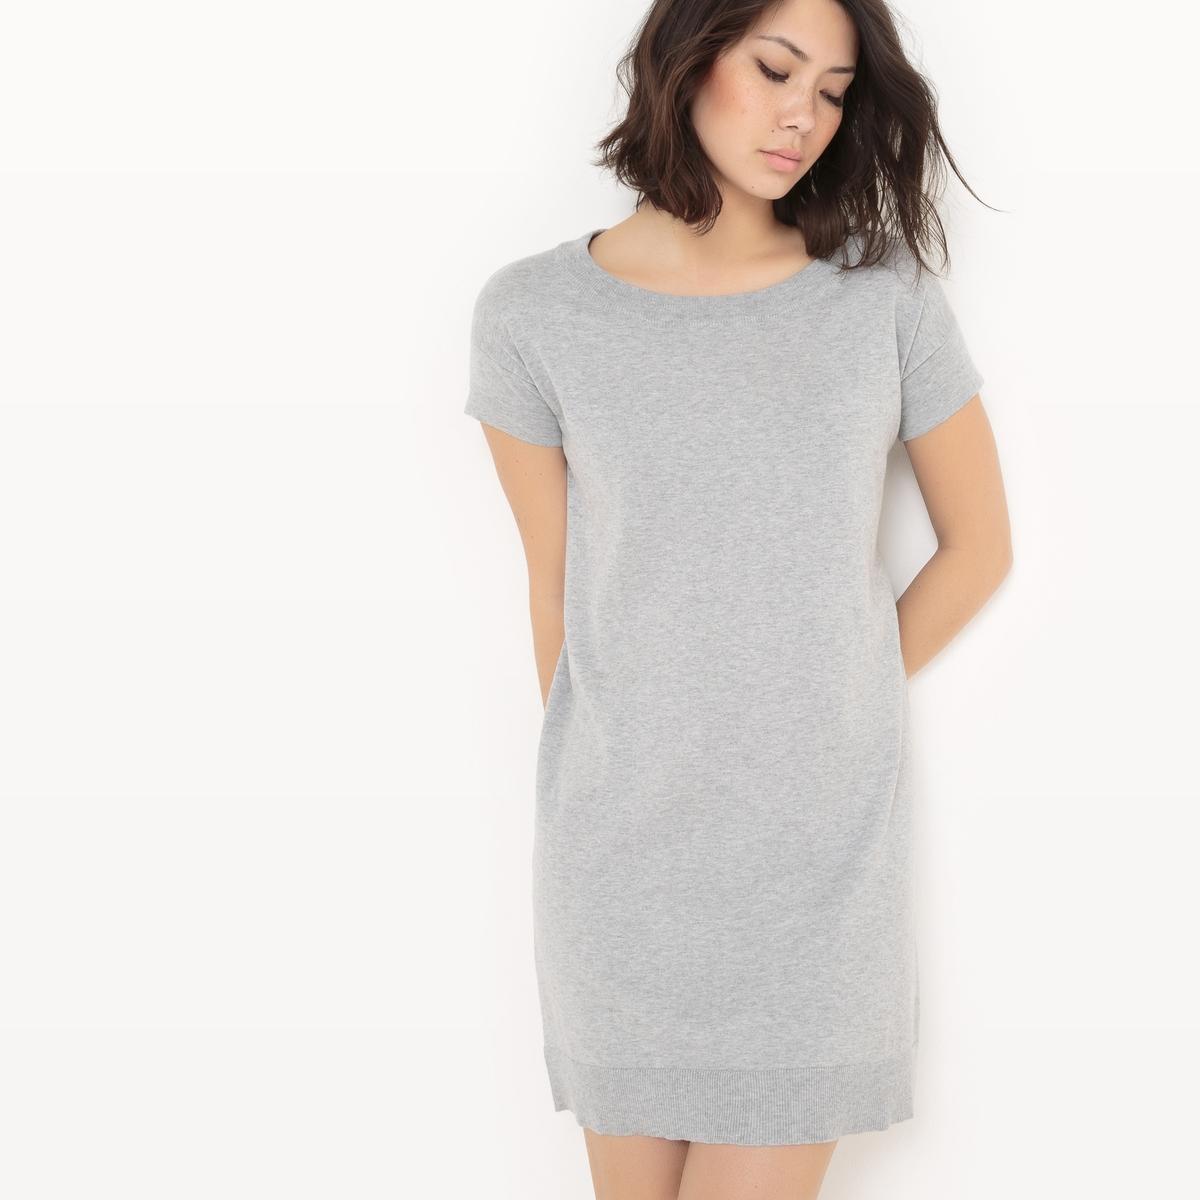 Платье-пуловер из хлопка/шелкаПлатье-пуловер с короткими рукавами . Круглый вырез. Полноценная застежка на пуговицы сзади.                     Состав и описание                                  Материал            70% хлопка, 20% полиамида, 10% шелка             Длина: 90 см.                            Уход             Ручная стирка             Стирать и гладить с изнаночной стороны             Сухая чистка и отбеливание запрещены             Машинная сушка запрещена             Гладить при низкой температуре<br><br>Цвет: светло-розовый,серый меланж,черный<br>Размер: M.XXL.XL.XL.XXL.M.S